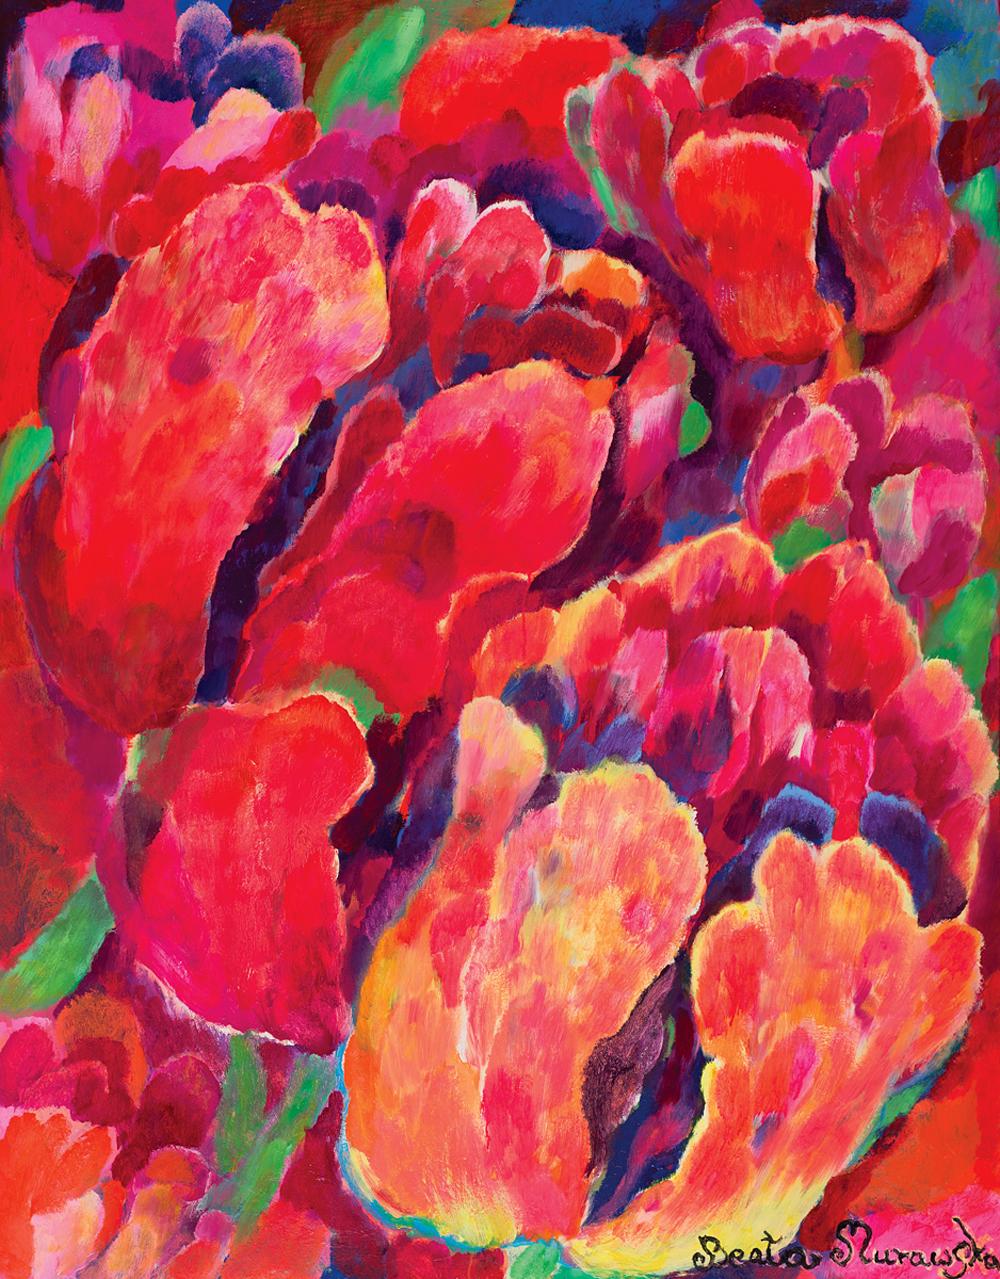 Kielichy | Tulips | Blumenkelche, 2016, 156 × 114 cm